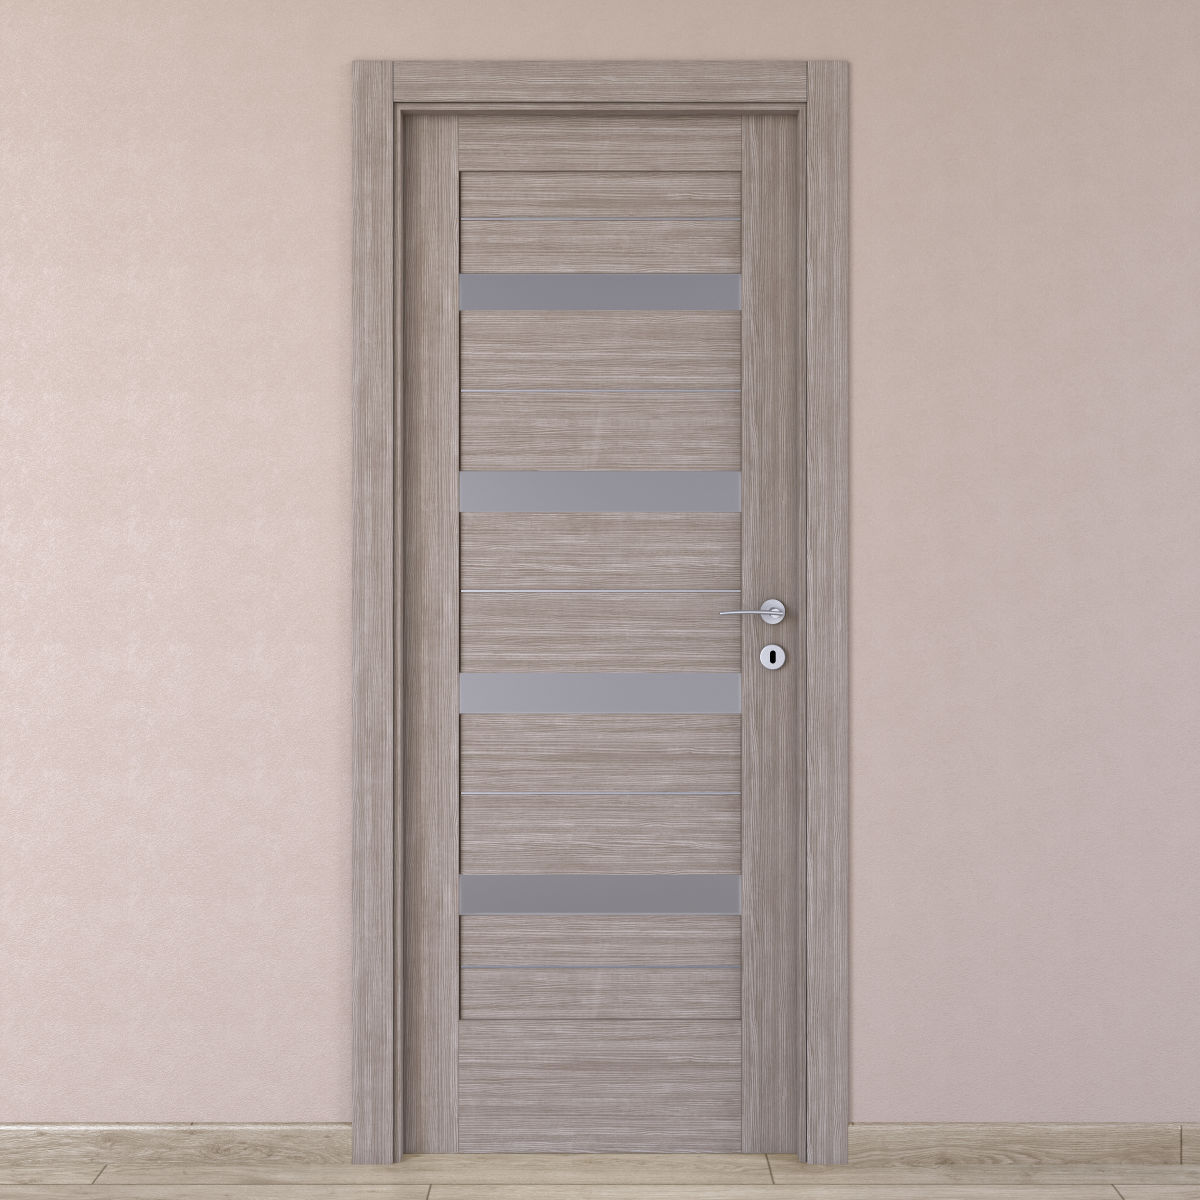 Porte da esterno in pvc prezzi porte per esterni in - Costo finestre doppi vetri ...